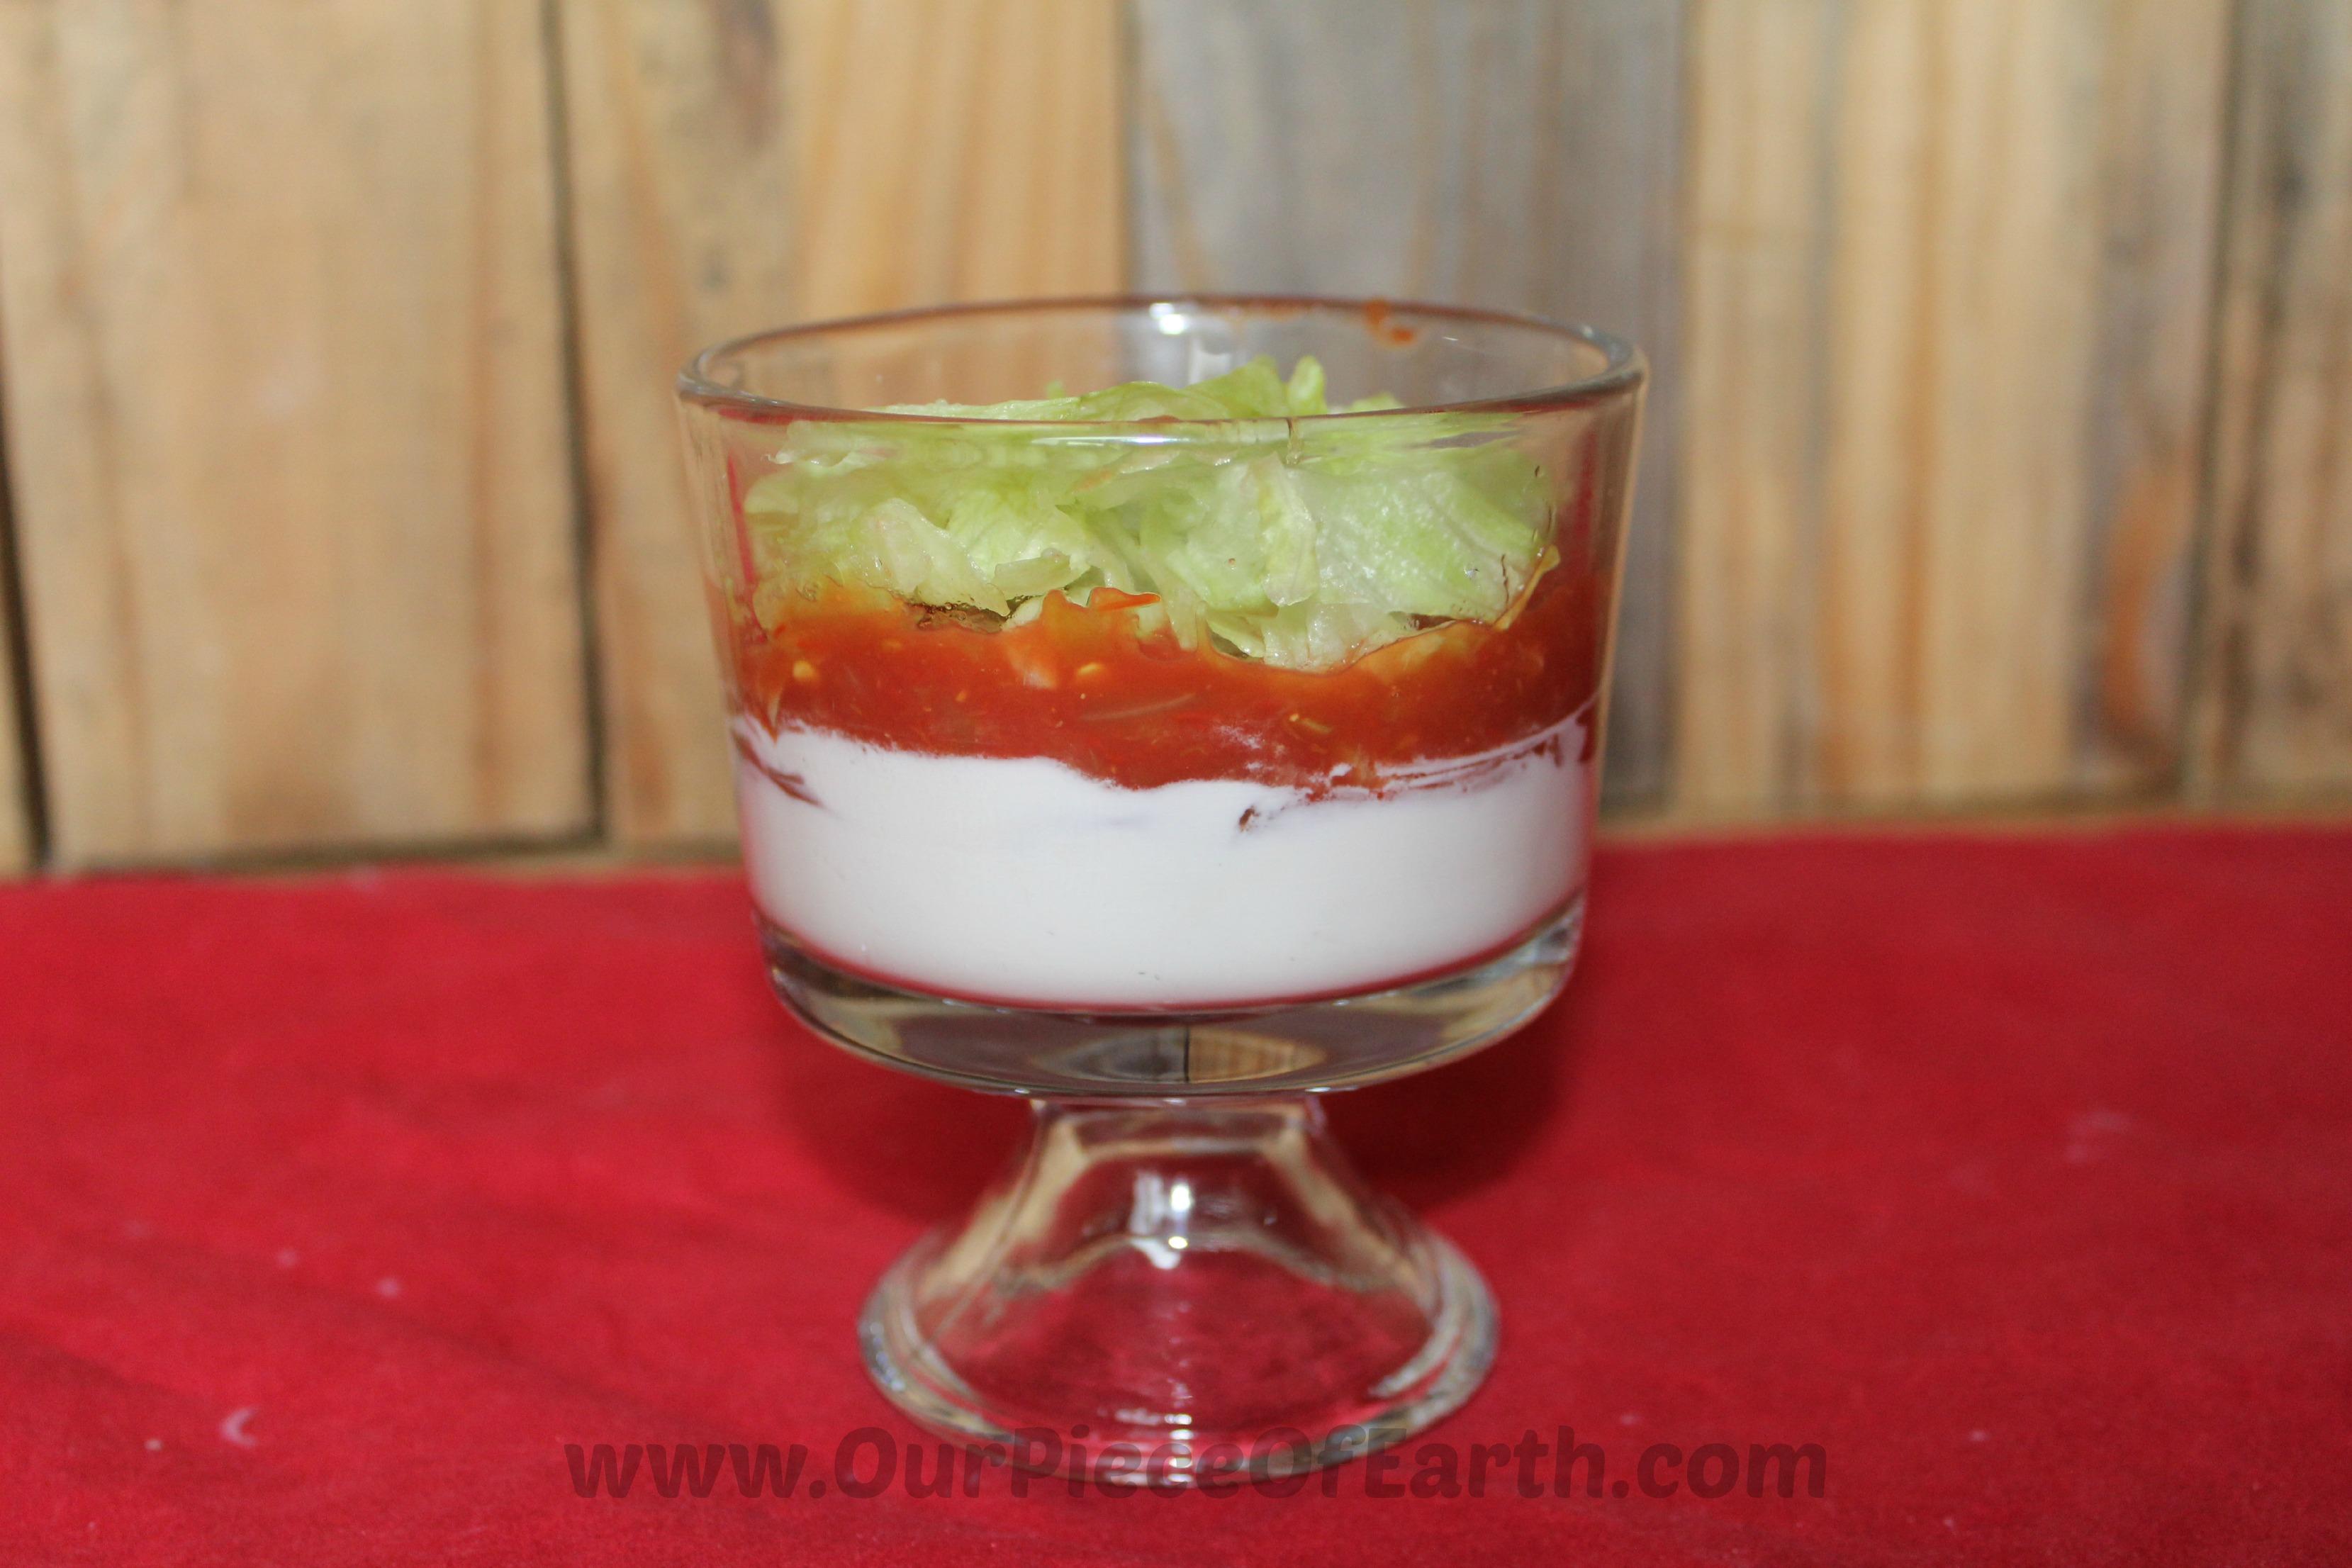 Lettuce added